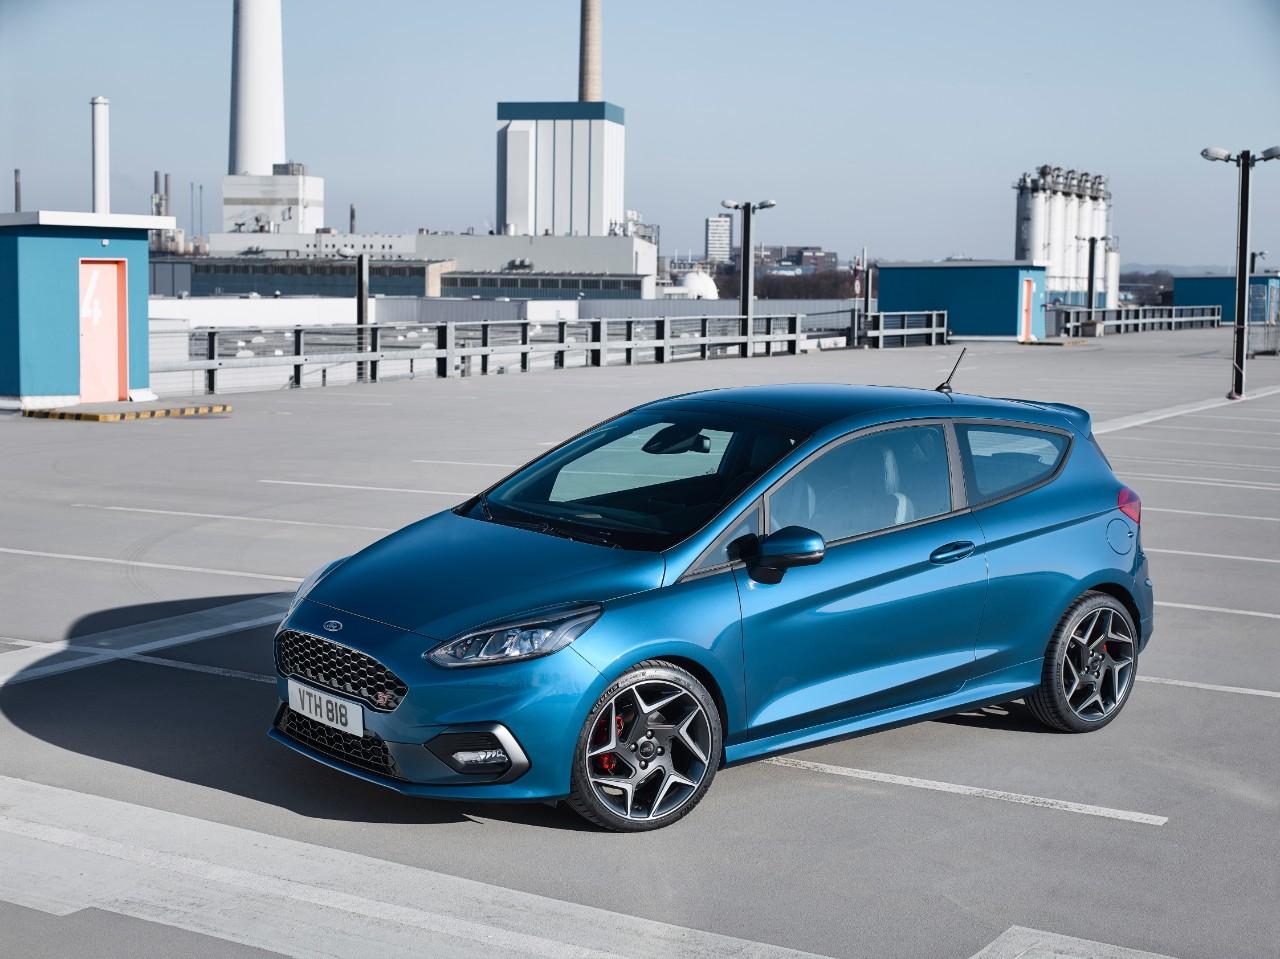 Ford Fiesta ST 2018 lateral en estacionamiento